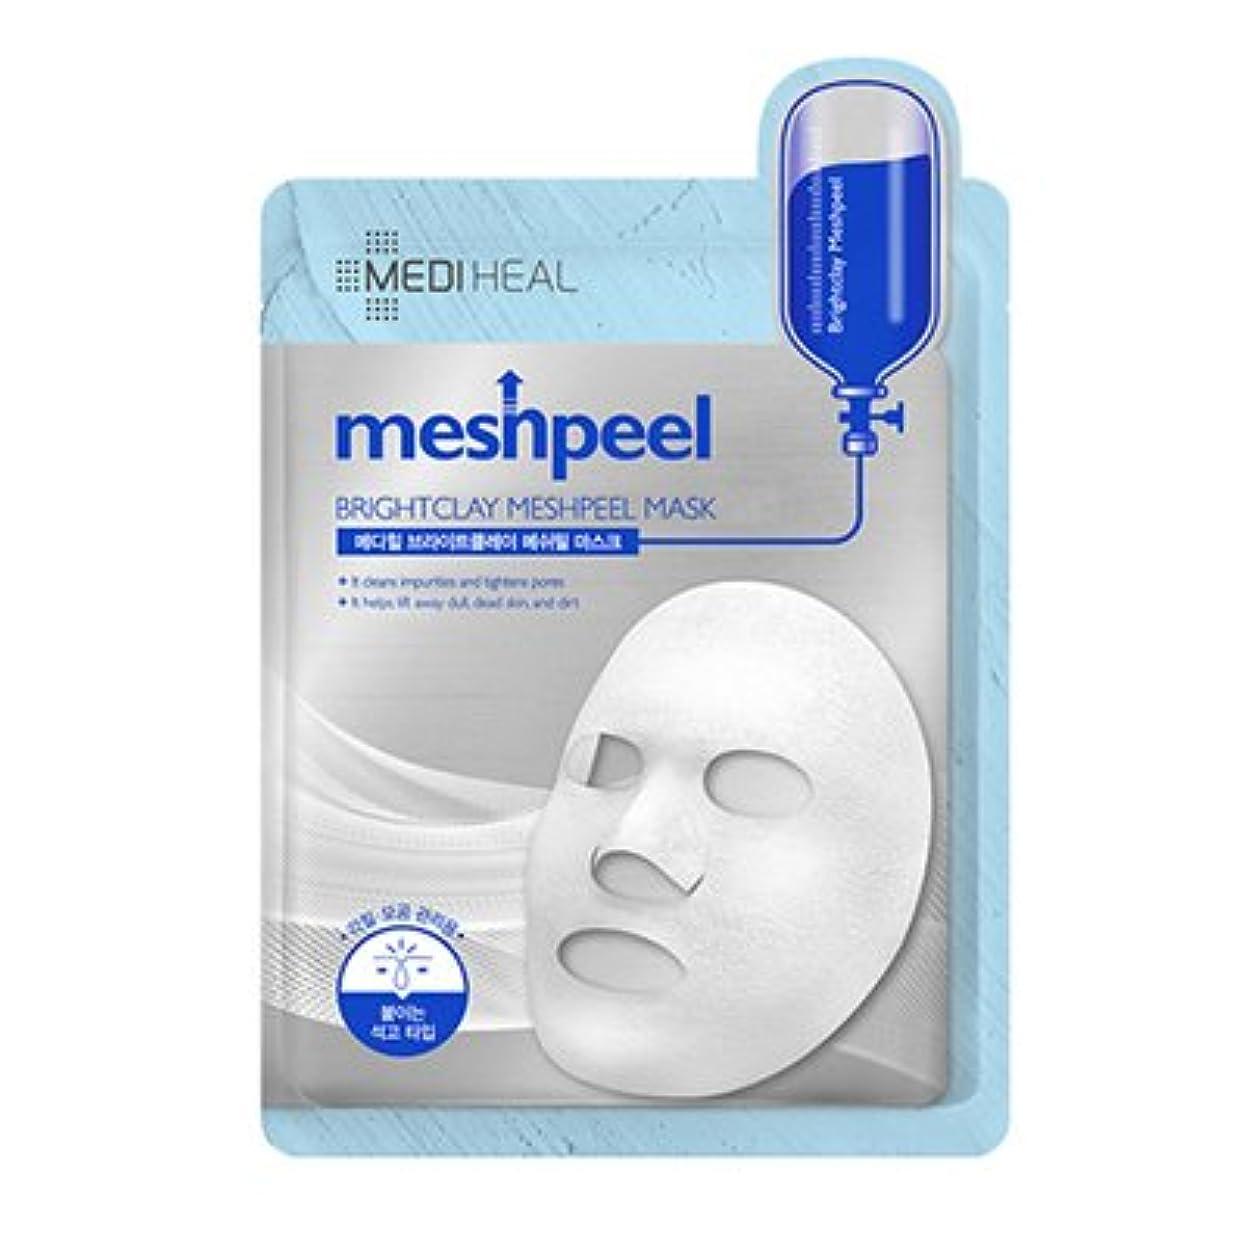 評決透明に保持[New] MEDIHEAL Brightclay Meshpeel Mask 17g × 10EA/メディヒール ブライト クレイ メッシュ ピール マスク 17g × 10枚